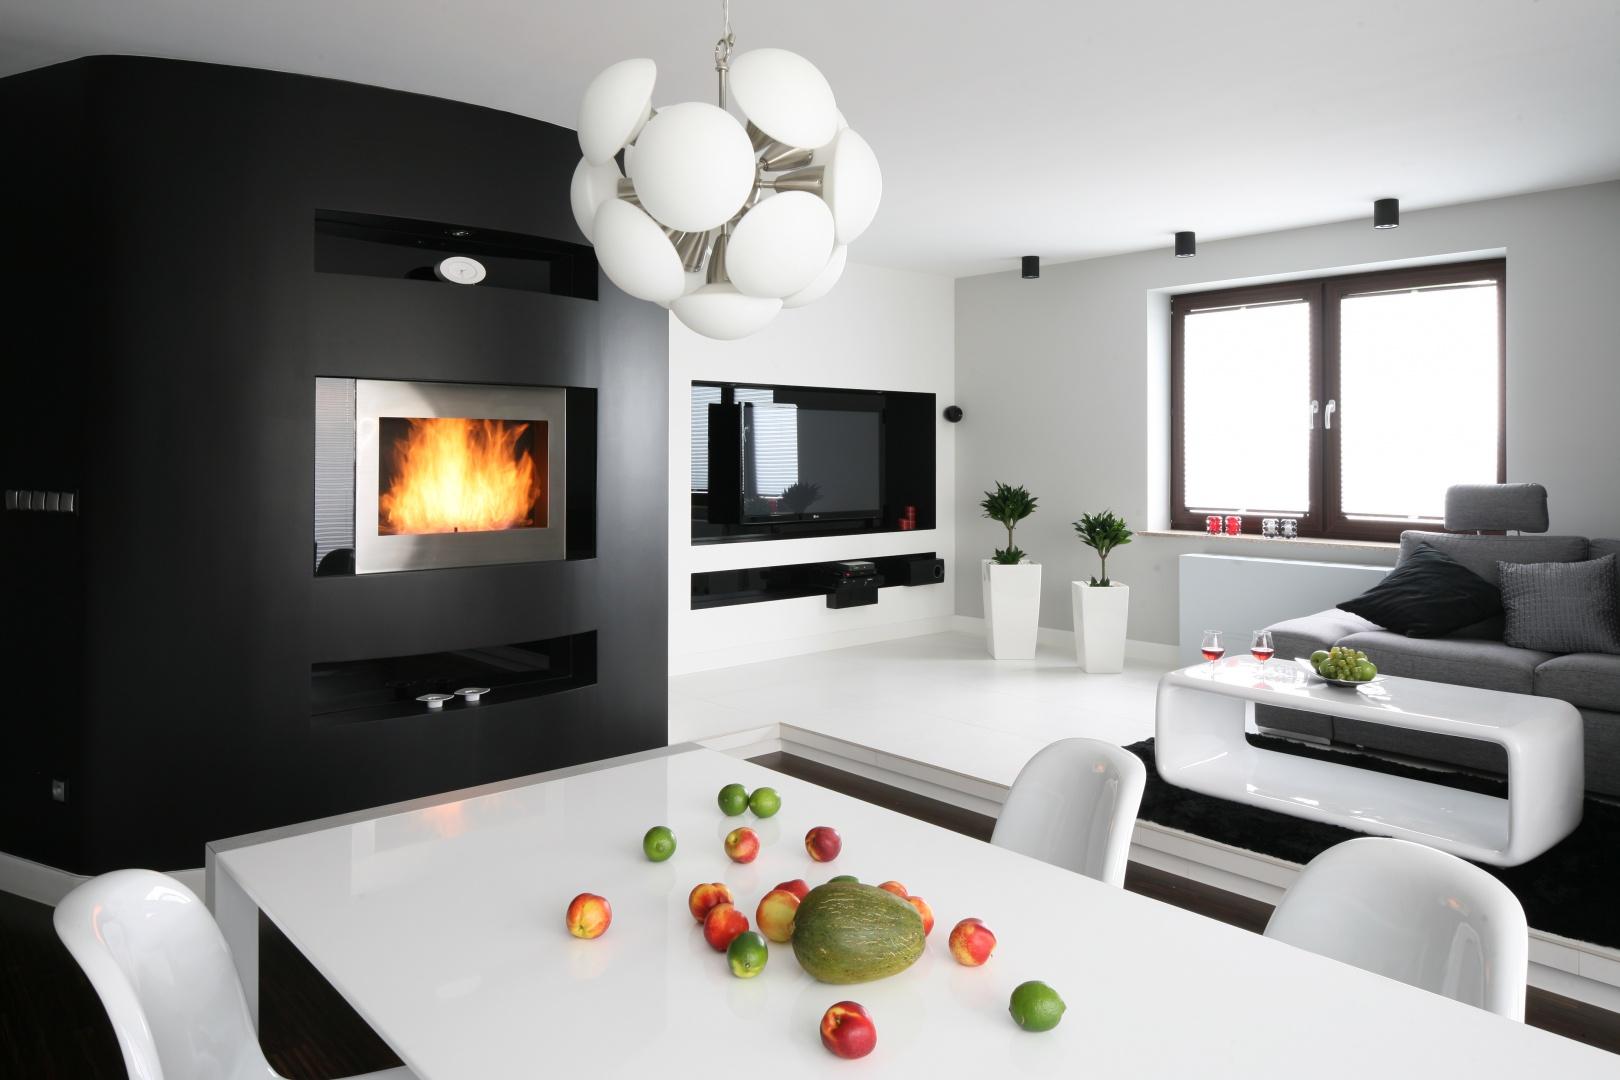 Białe ściany są idealnym tłem dla ciemnych elementów wyposażenia. Dla podkreślenia piękna ognia, ścianę z kominkiem pomalowano na czarno, czym przełamano jasną aranżację. Projekt: Agnieszka Burzykowska-Walkosz. Fot. Bartosz Jarosz.